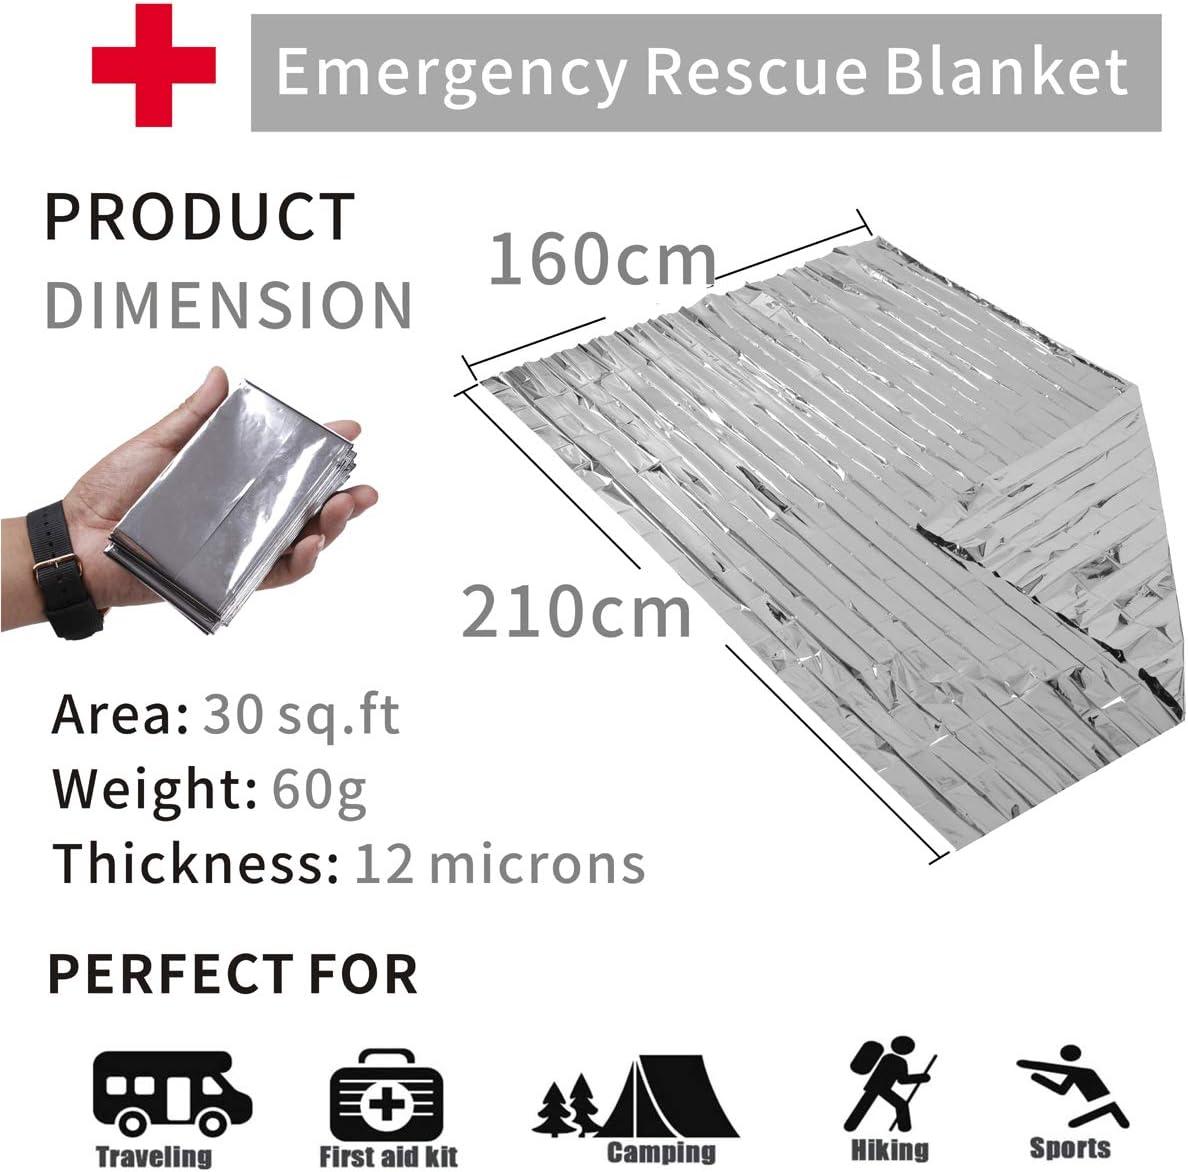 Rancheng Couverture de Survie durgence 210x160cm Argent/é Double Face Conserver la Chaleur du Corps Imperm/éable Couvertures Thermique pour Randonn/ée Camping